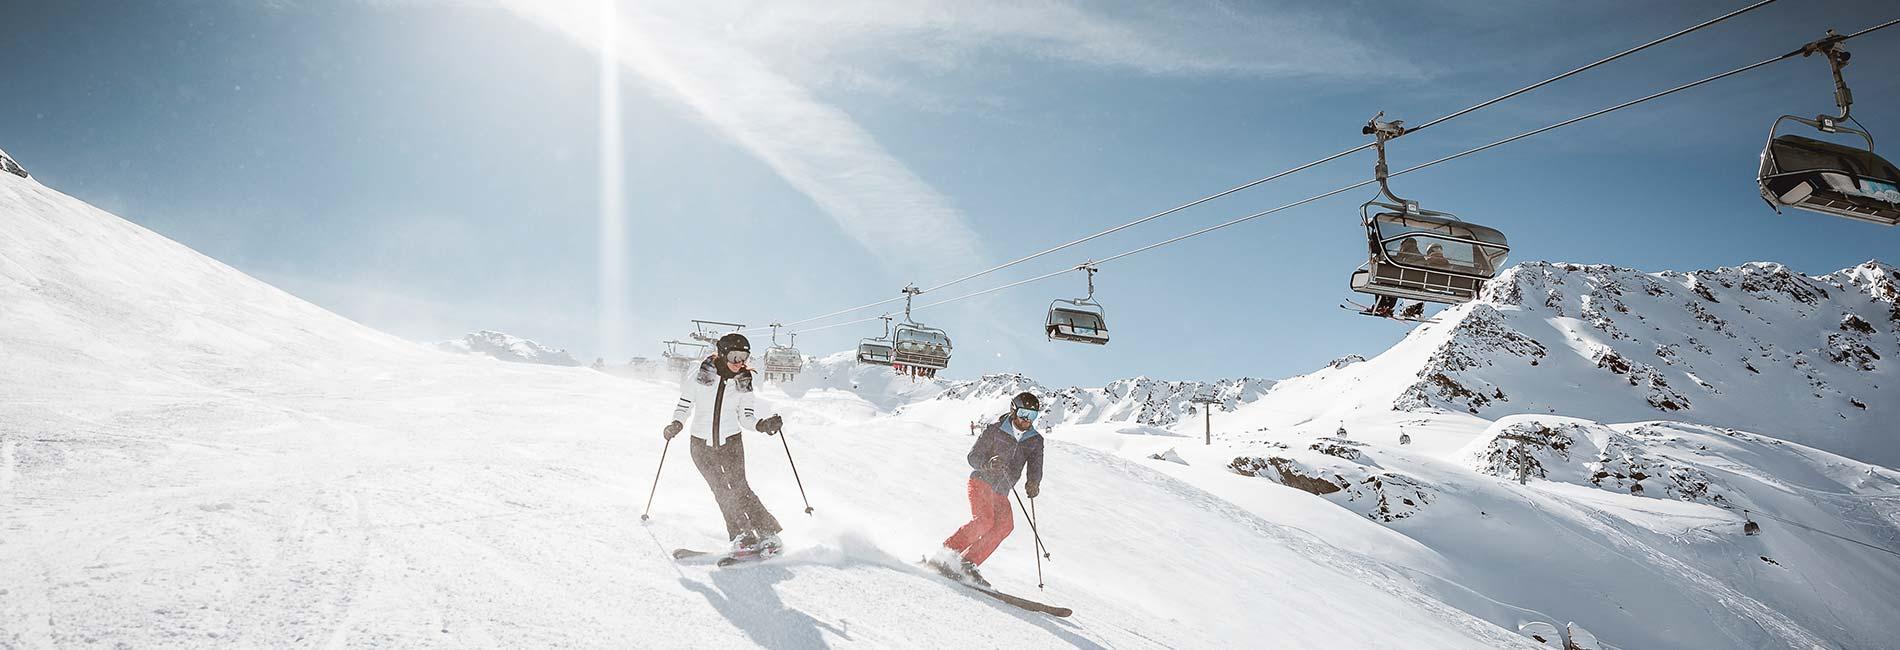 Skirurlaub im Skigebiet Obergurgl Hochgurgl Ötztal Tirol Austria